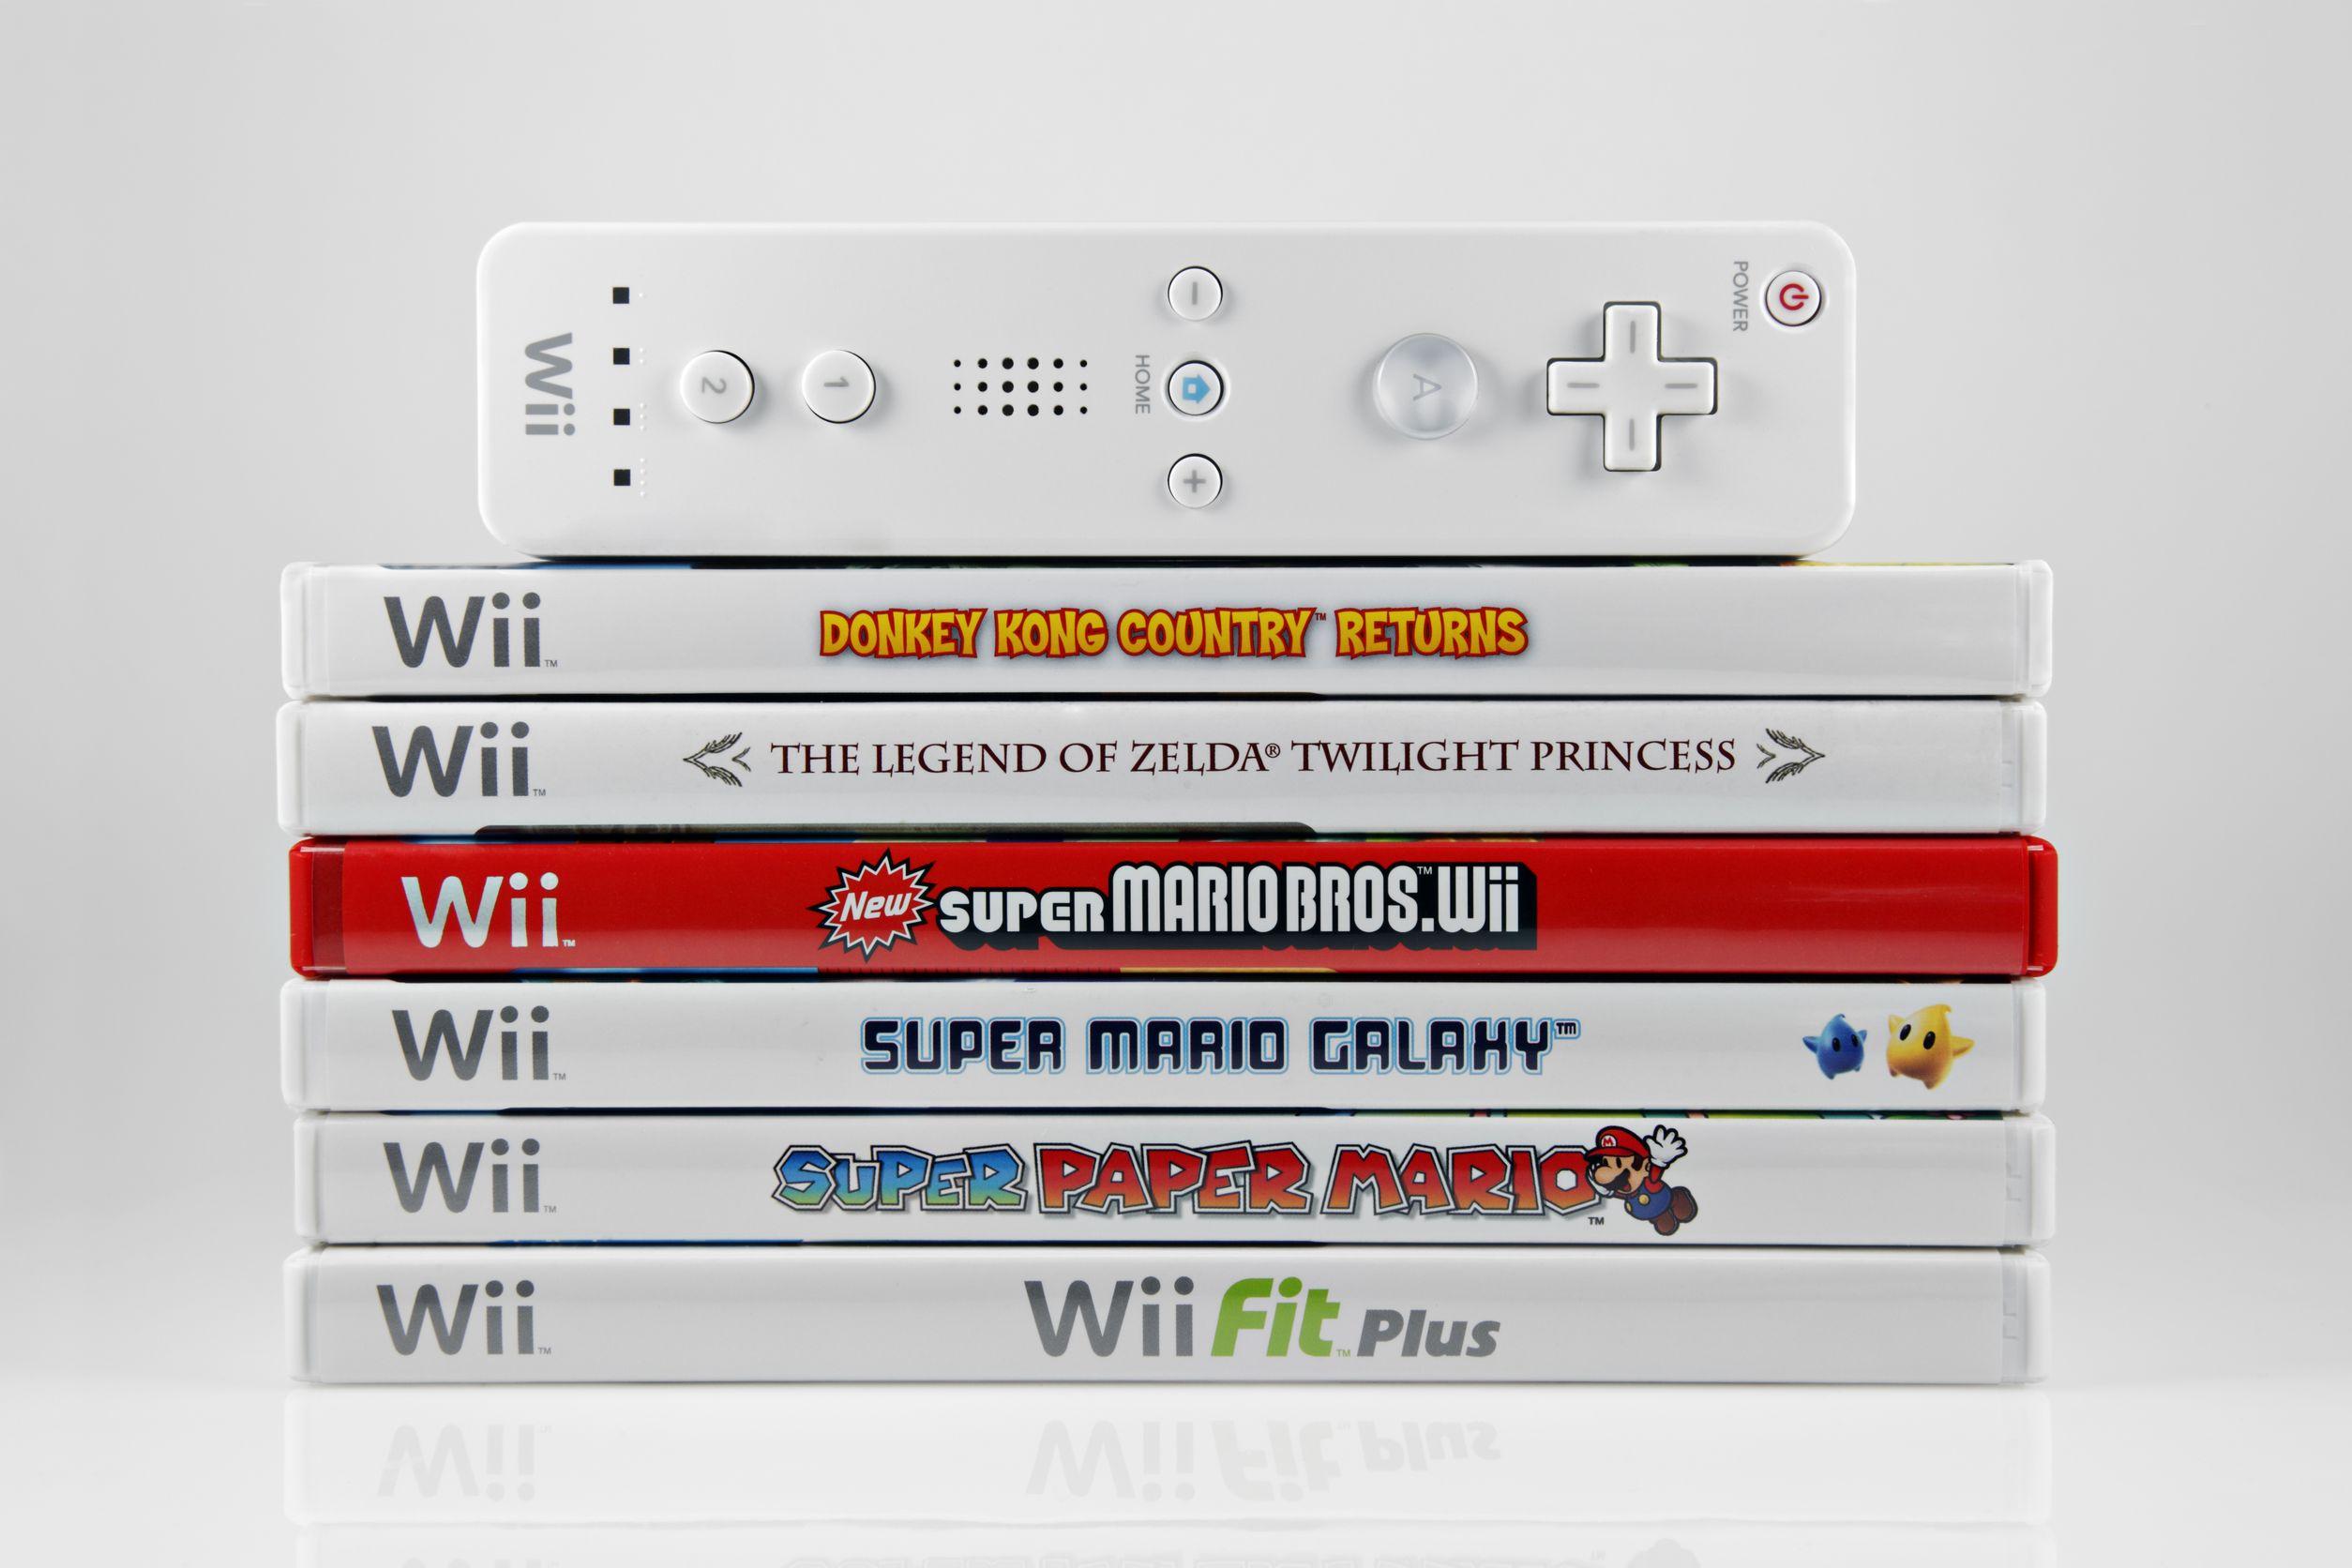 Juegos Wii: ¿Cuáles son los mejores del 2021?